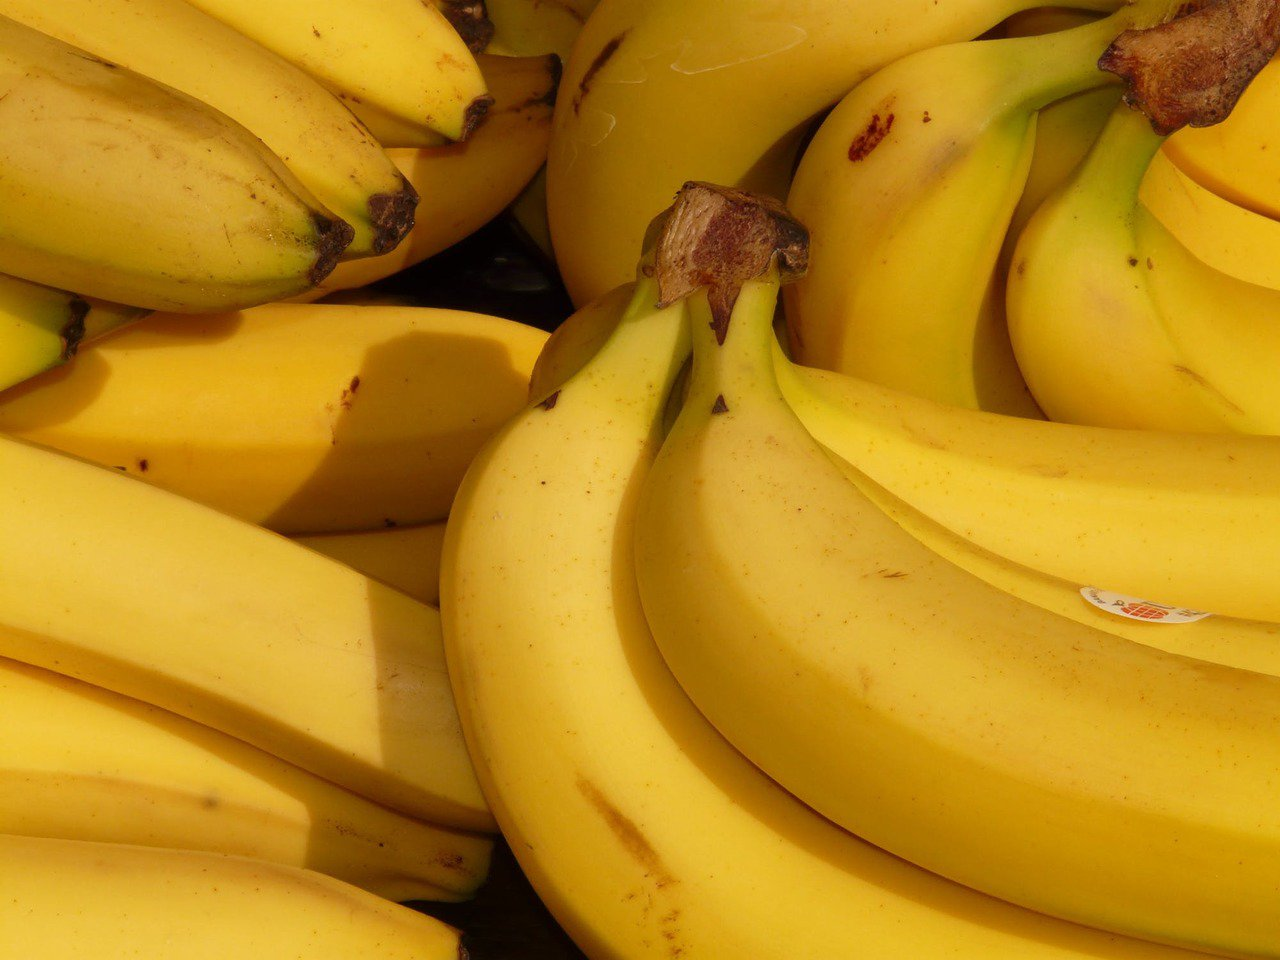 香蕉不只可以幫助便秘,飯後一根香蕉,還能助消化。圖/摘自 pexels